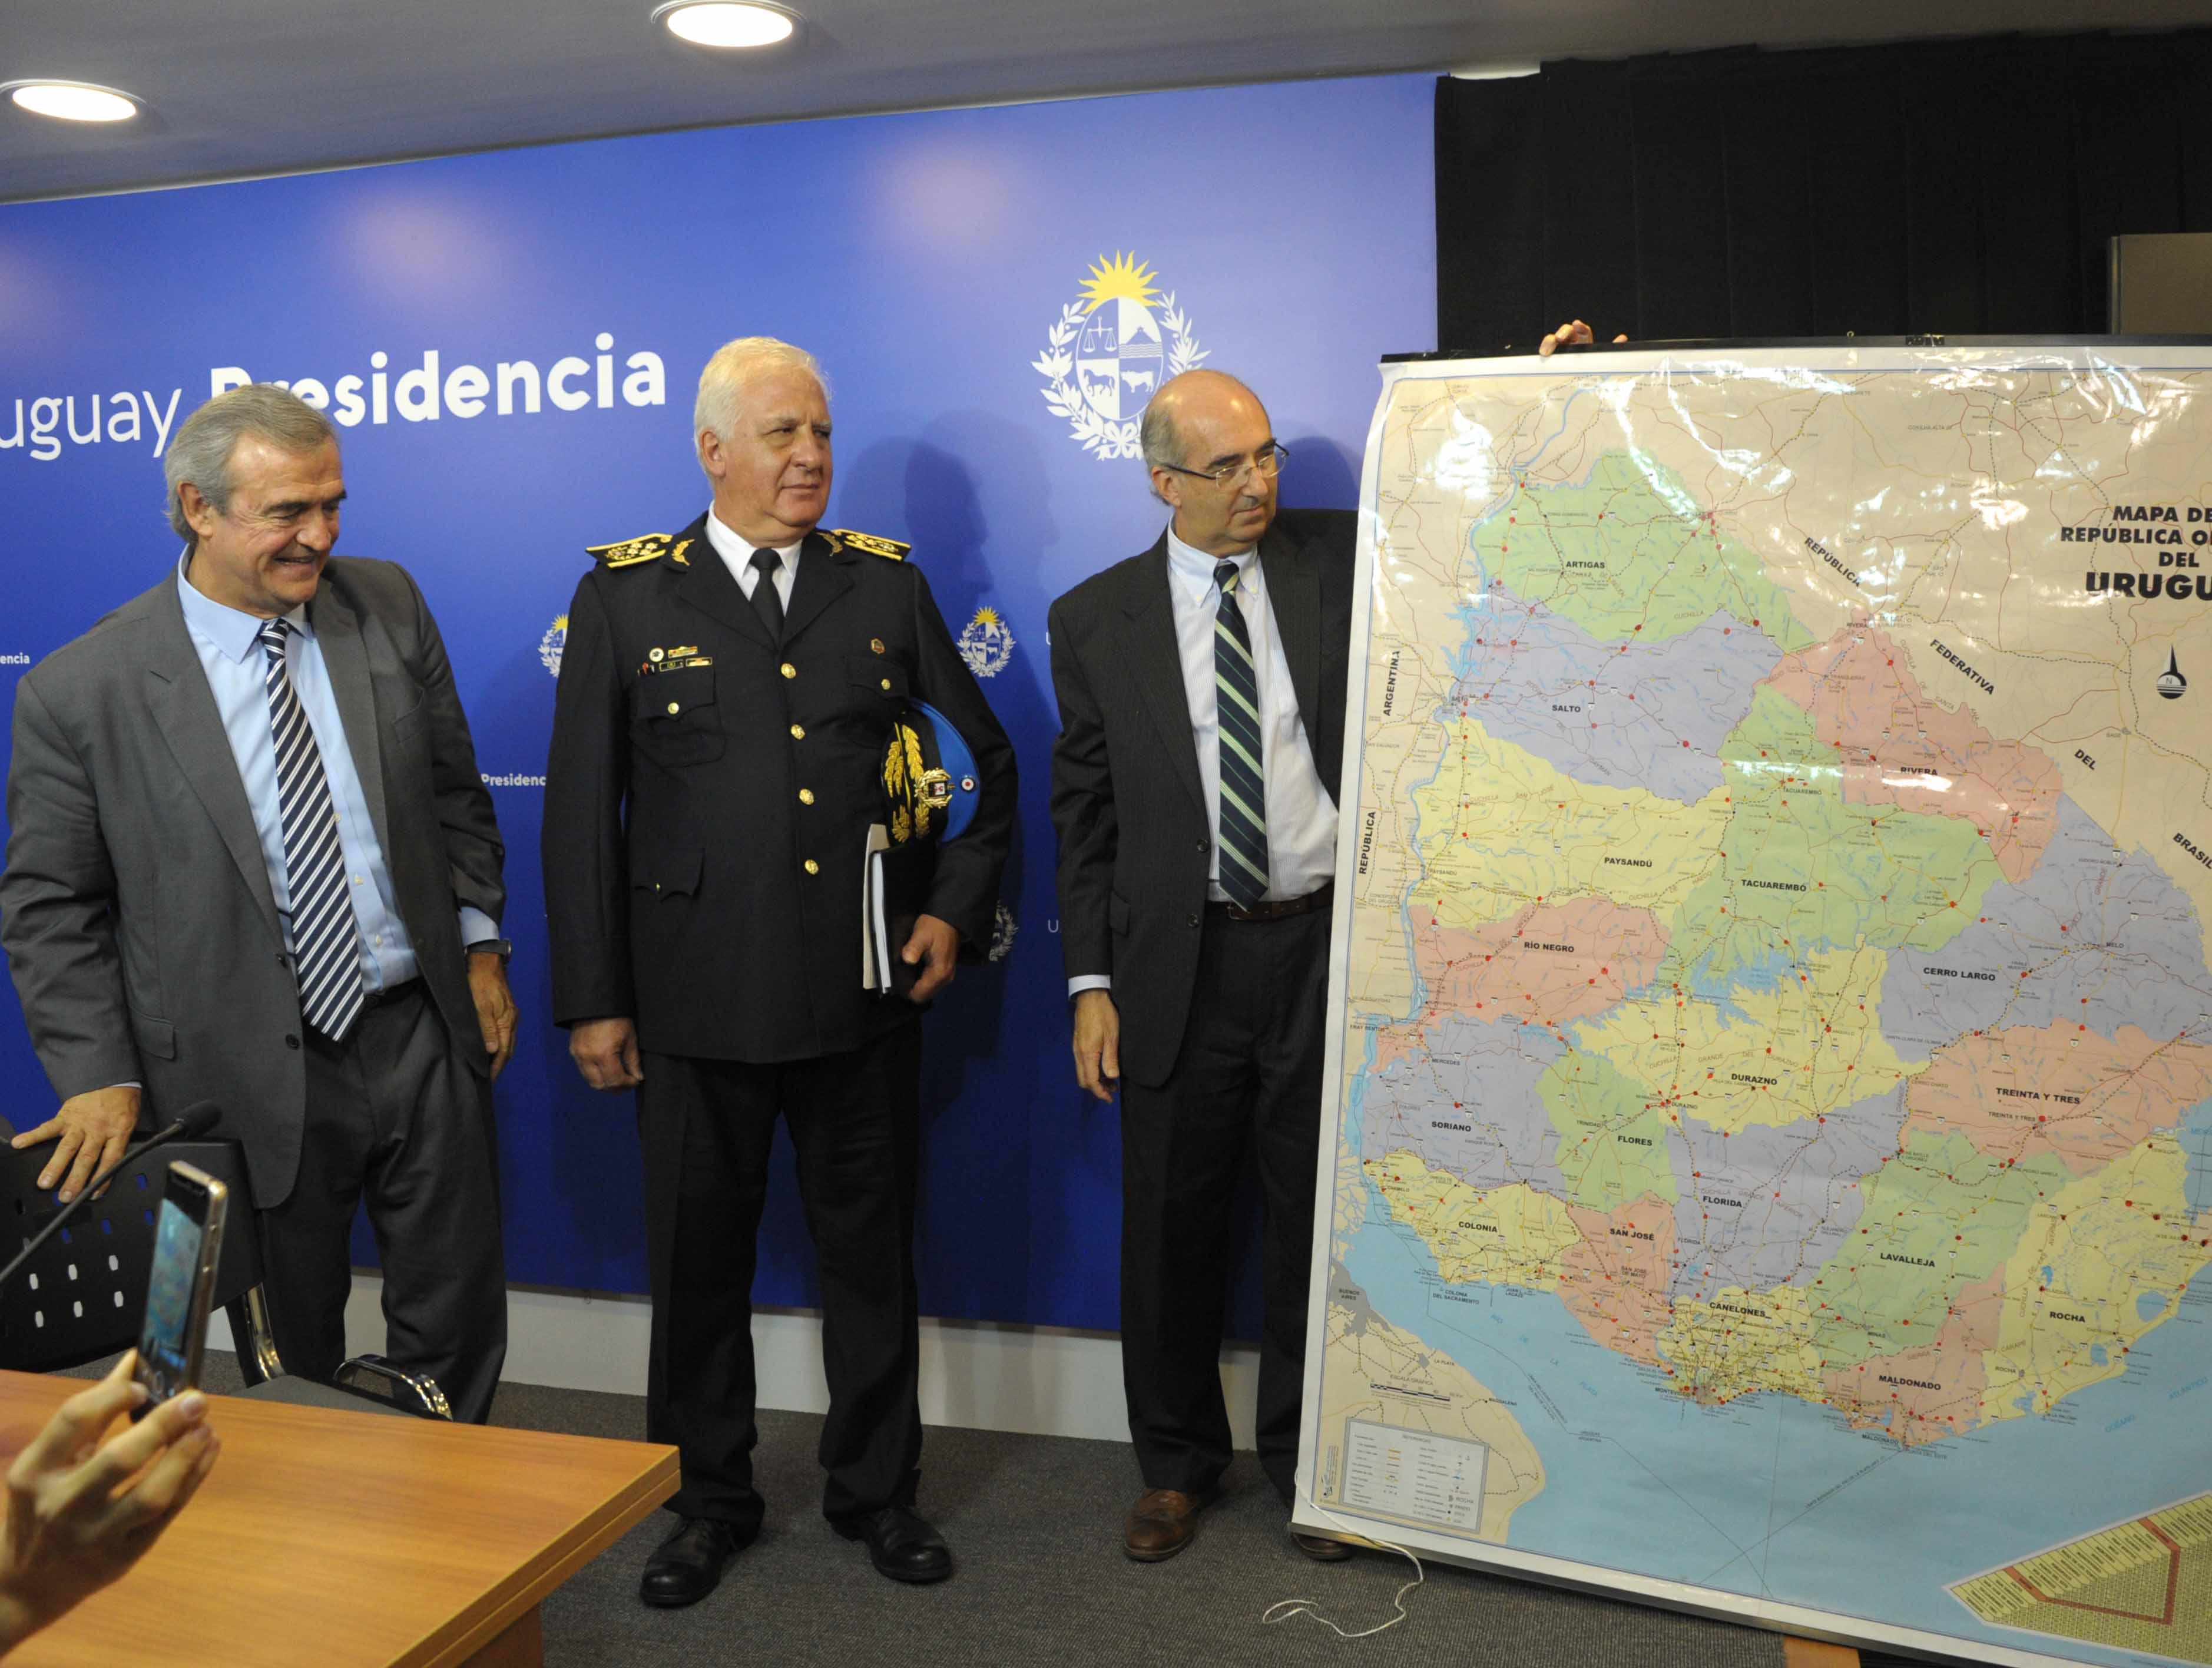 Autoridades indican puntos de control policial que se instalarán en todo el territorio nacional